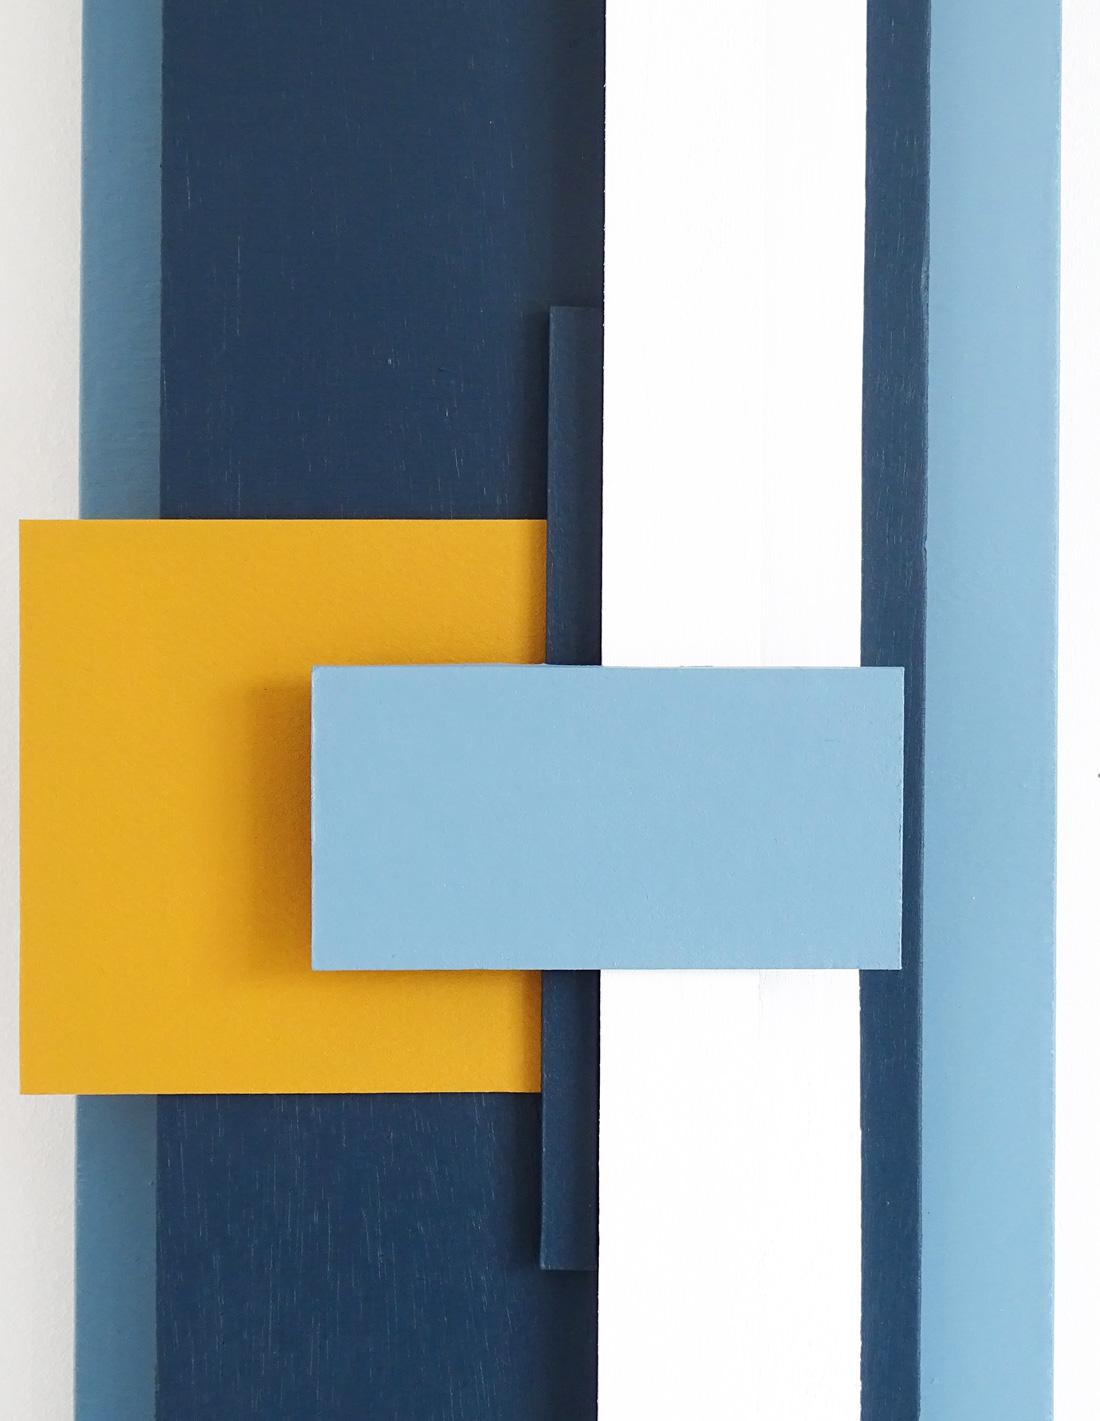 Structure-en-bleu-no-2-close-up-1